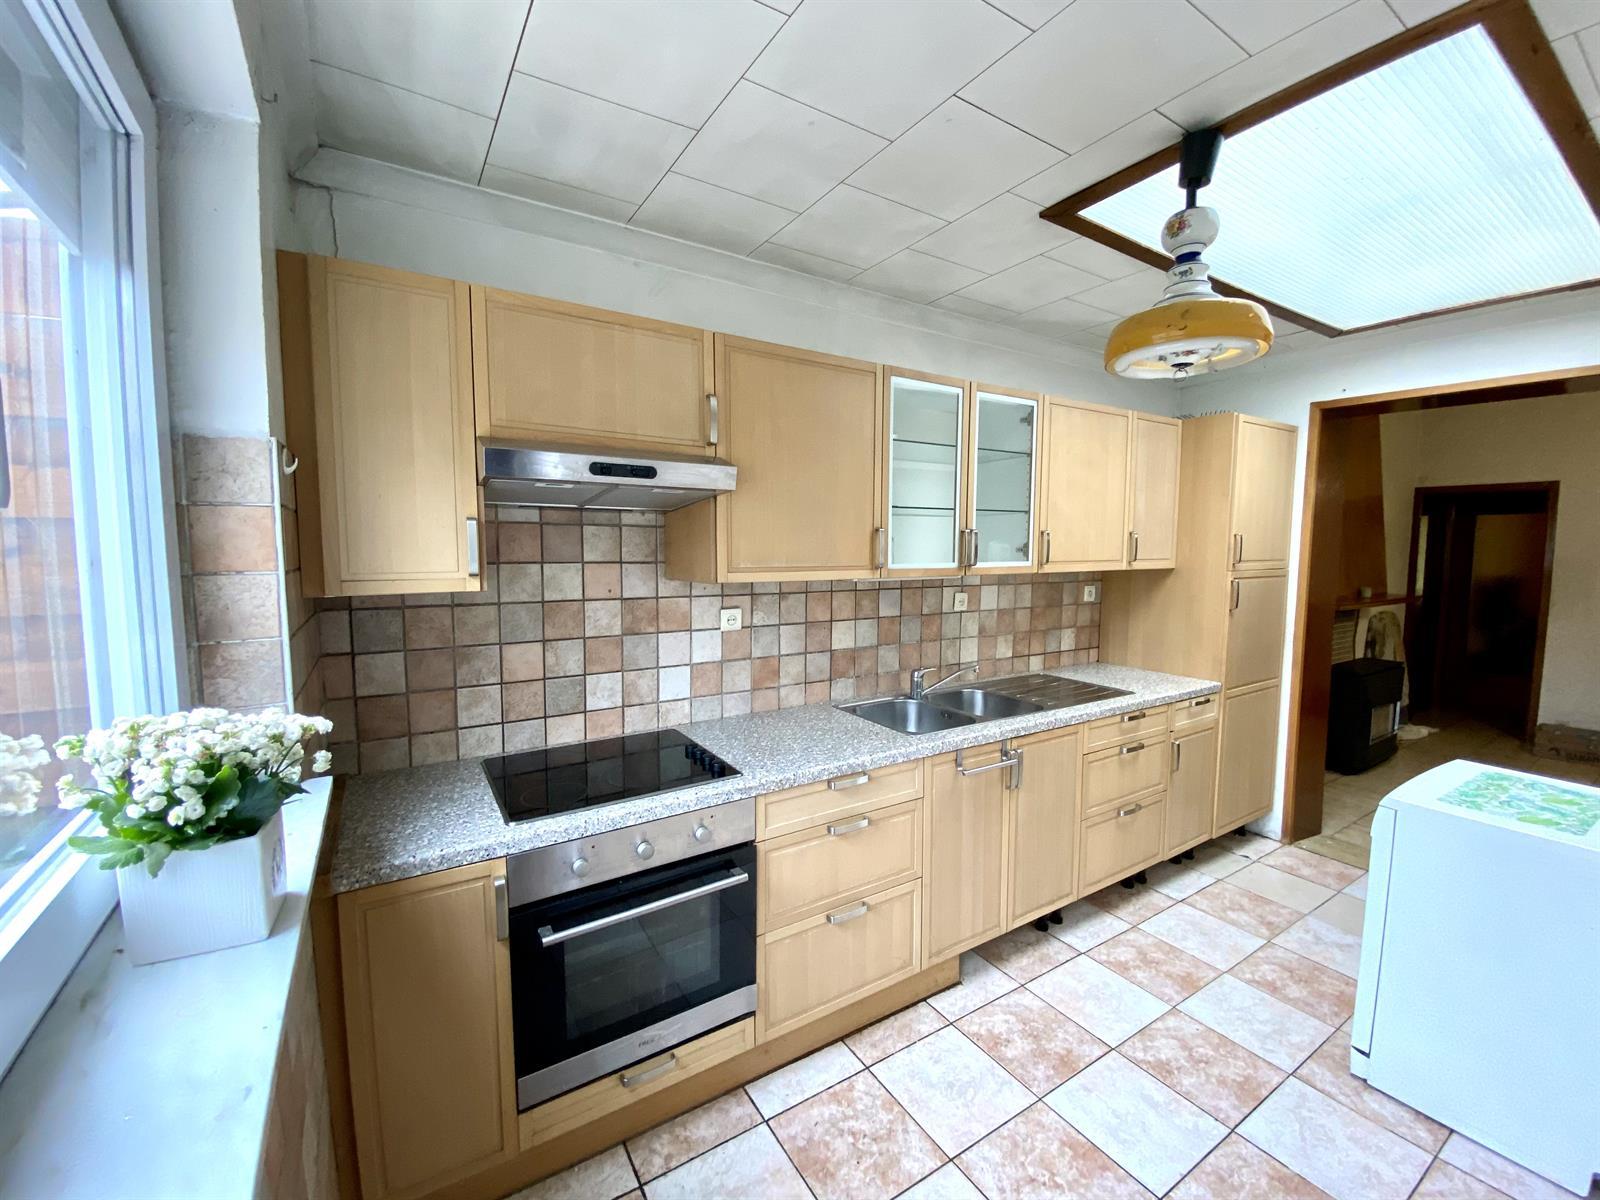 House - Jemeppe-sur-Meuse - #4312091-3